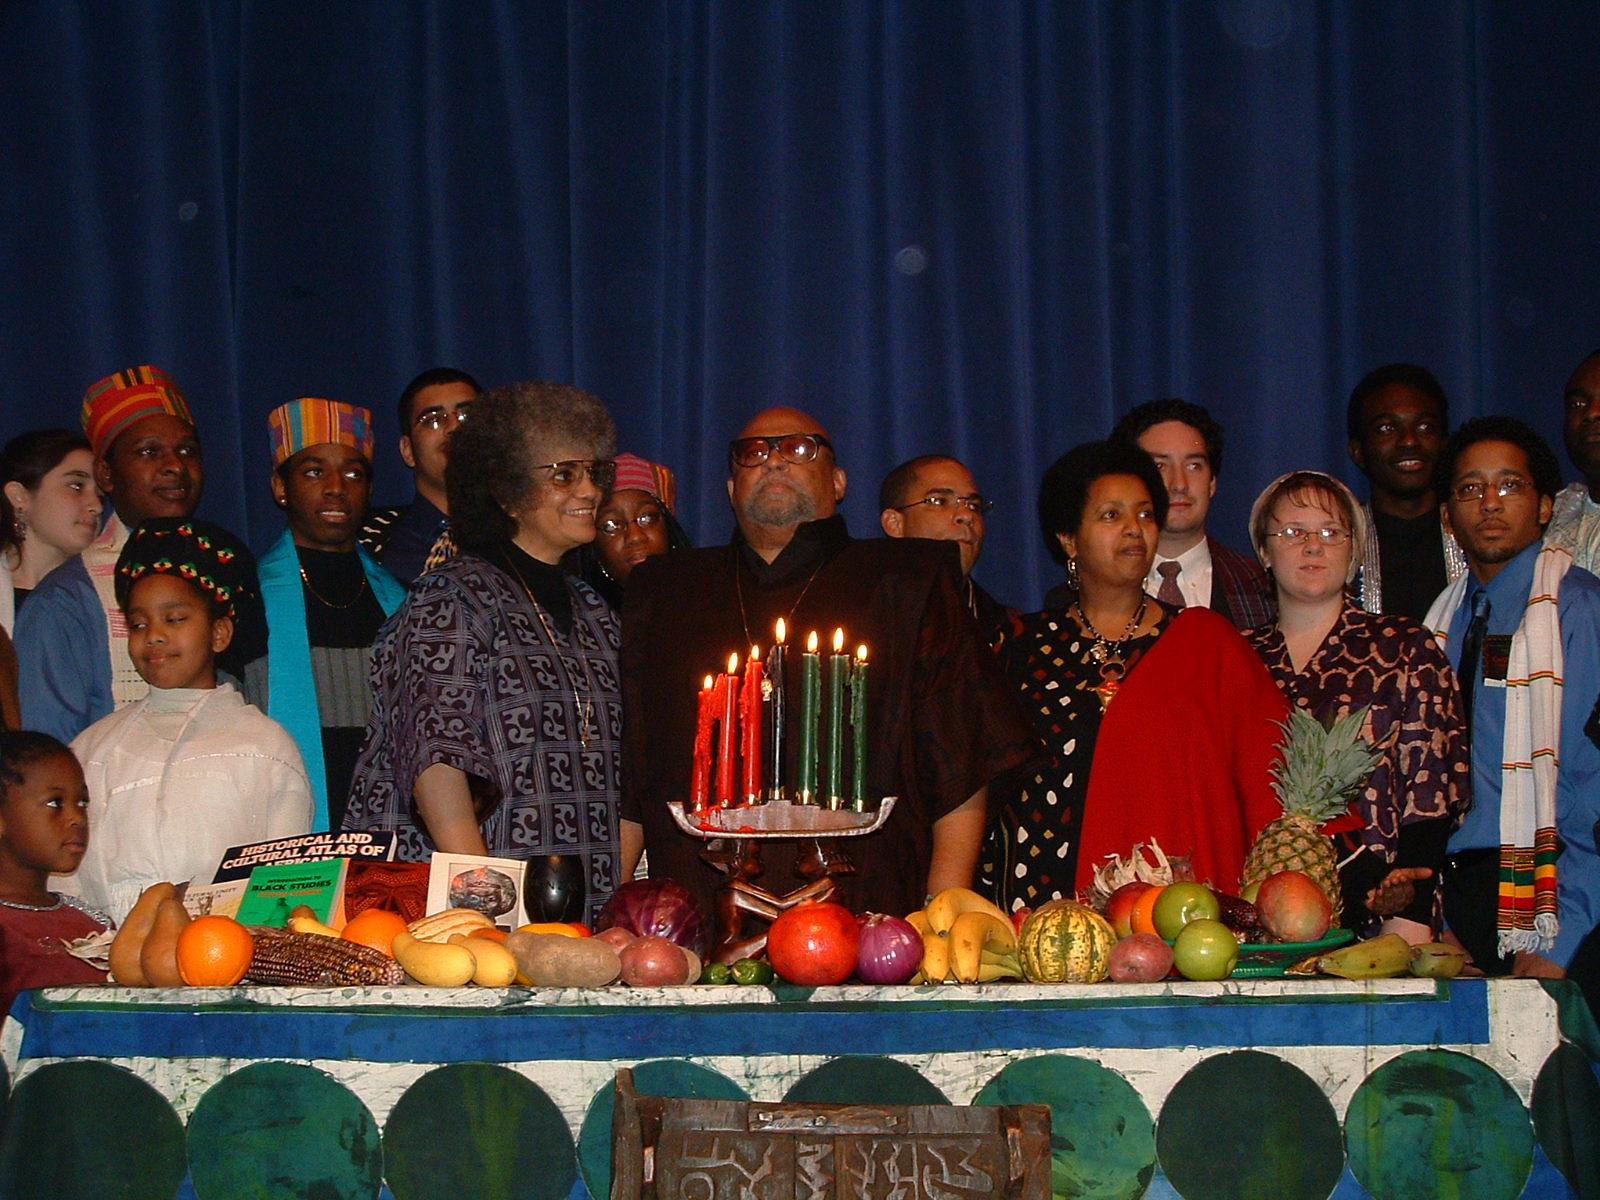 A 2003 Kwanzaa celebration with Kwanzaa founder Maulana Karenga at center, and others.